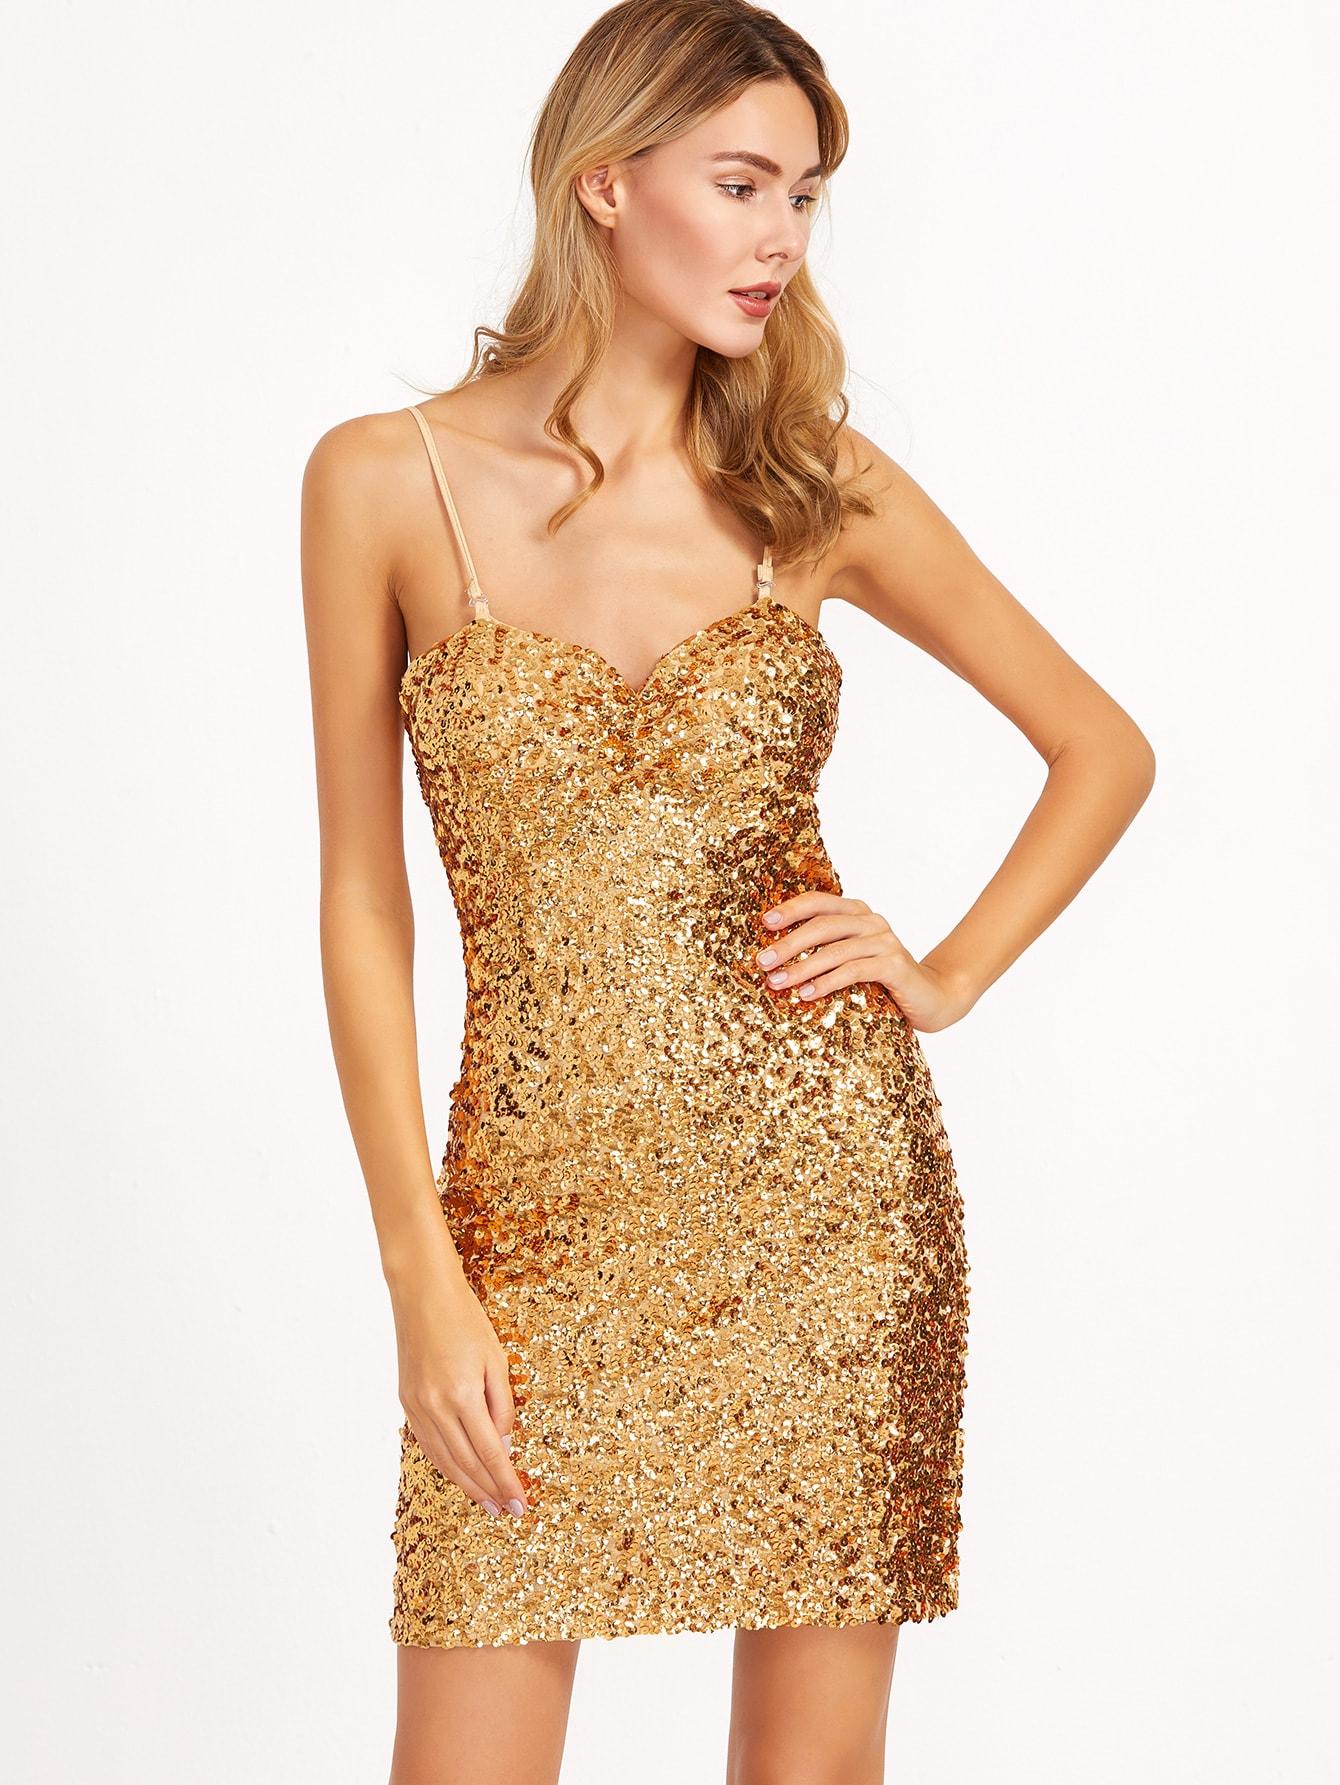 dress161123301_2